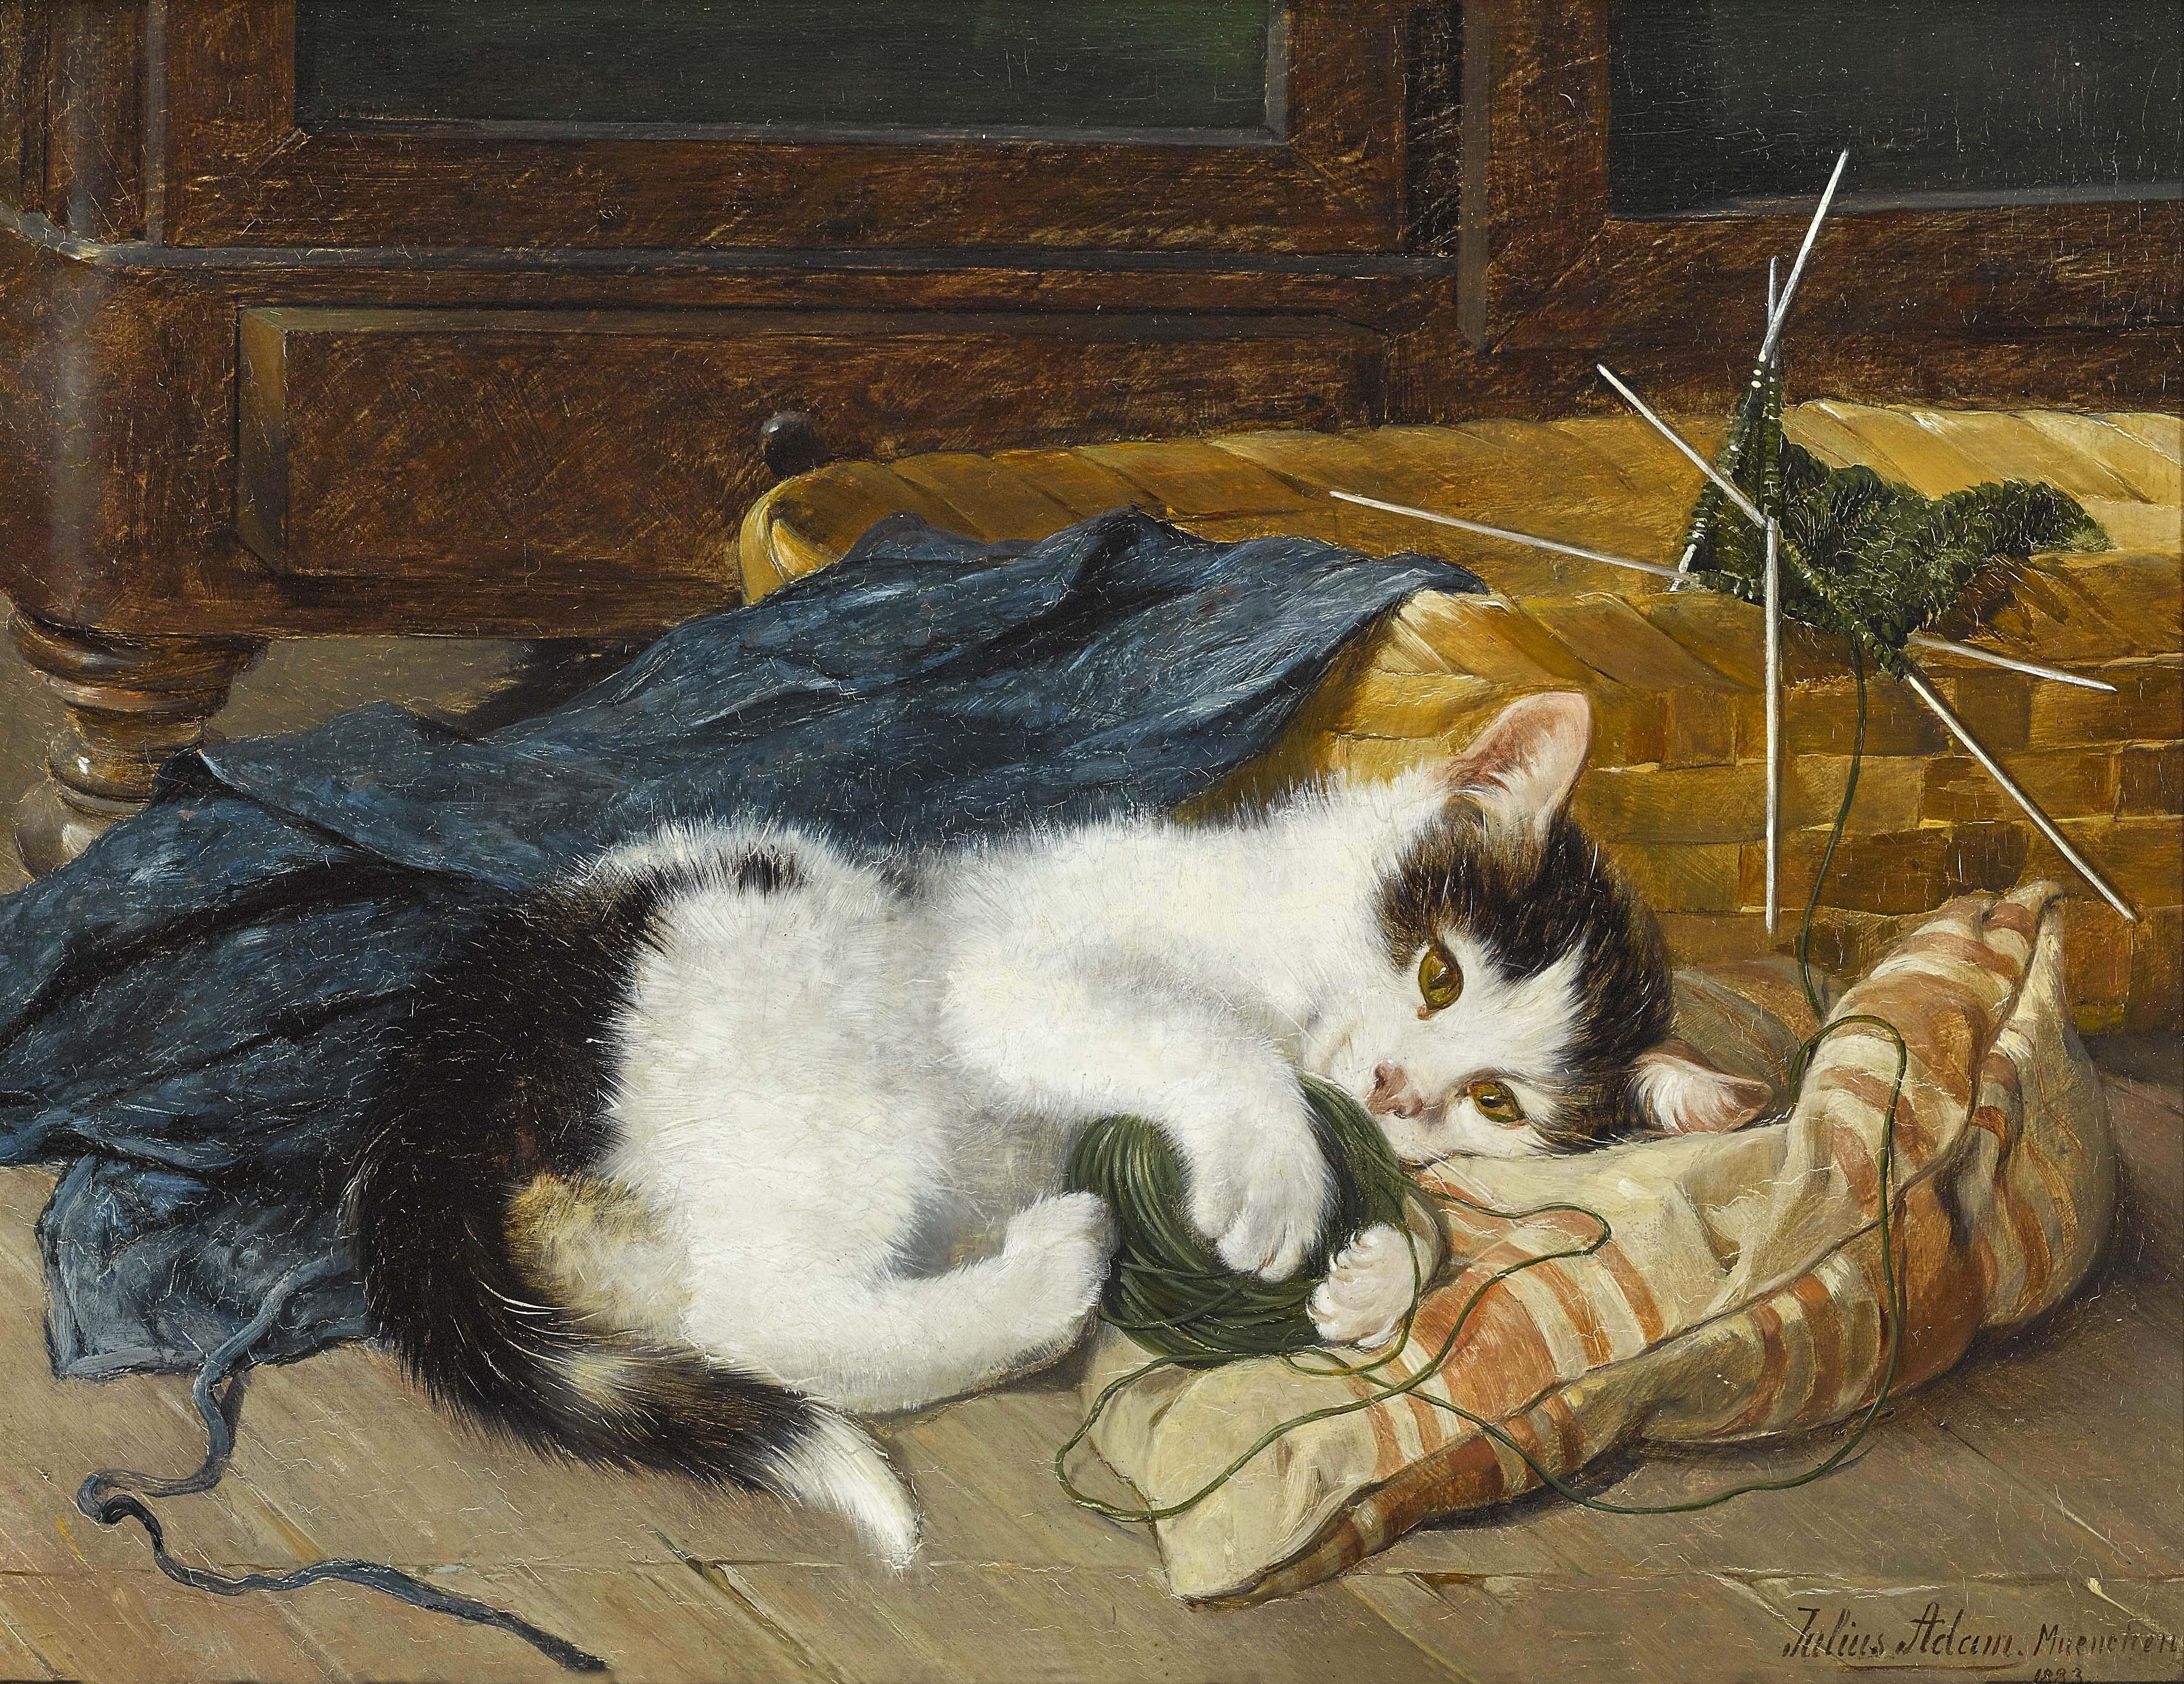 KATTUNGE STICKAR 1883 av JULIUS ADAM